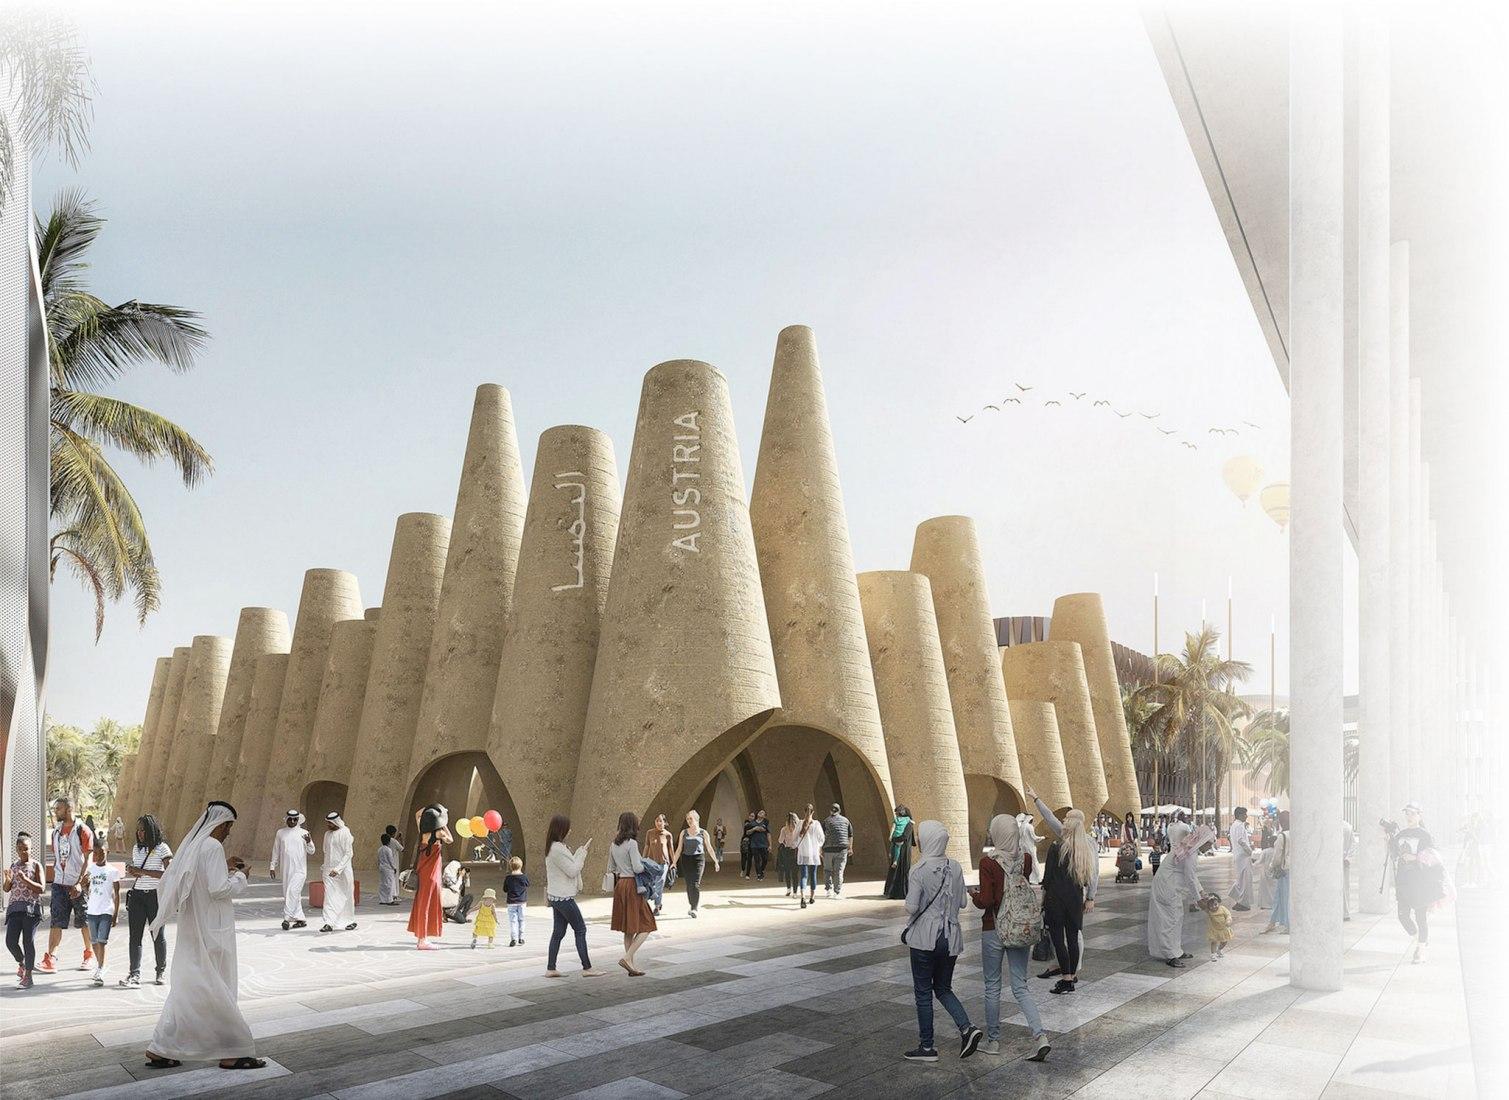 Visualización. Pabellón Austriaco de la Expo 2020 Dubai por querkraft architekten. Imagen © querkraft architekten - bagienski